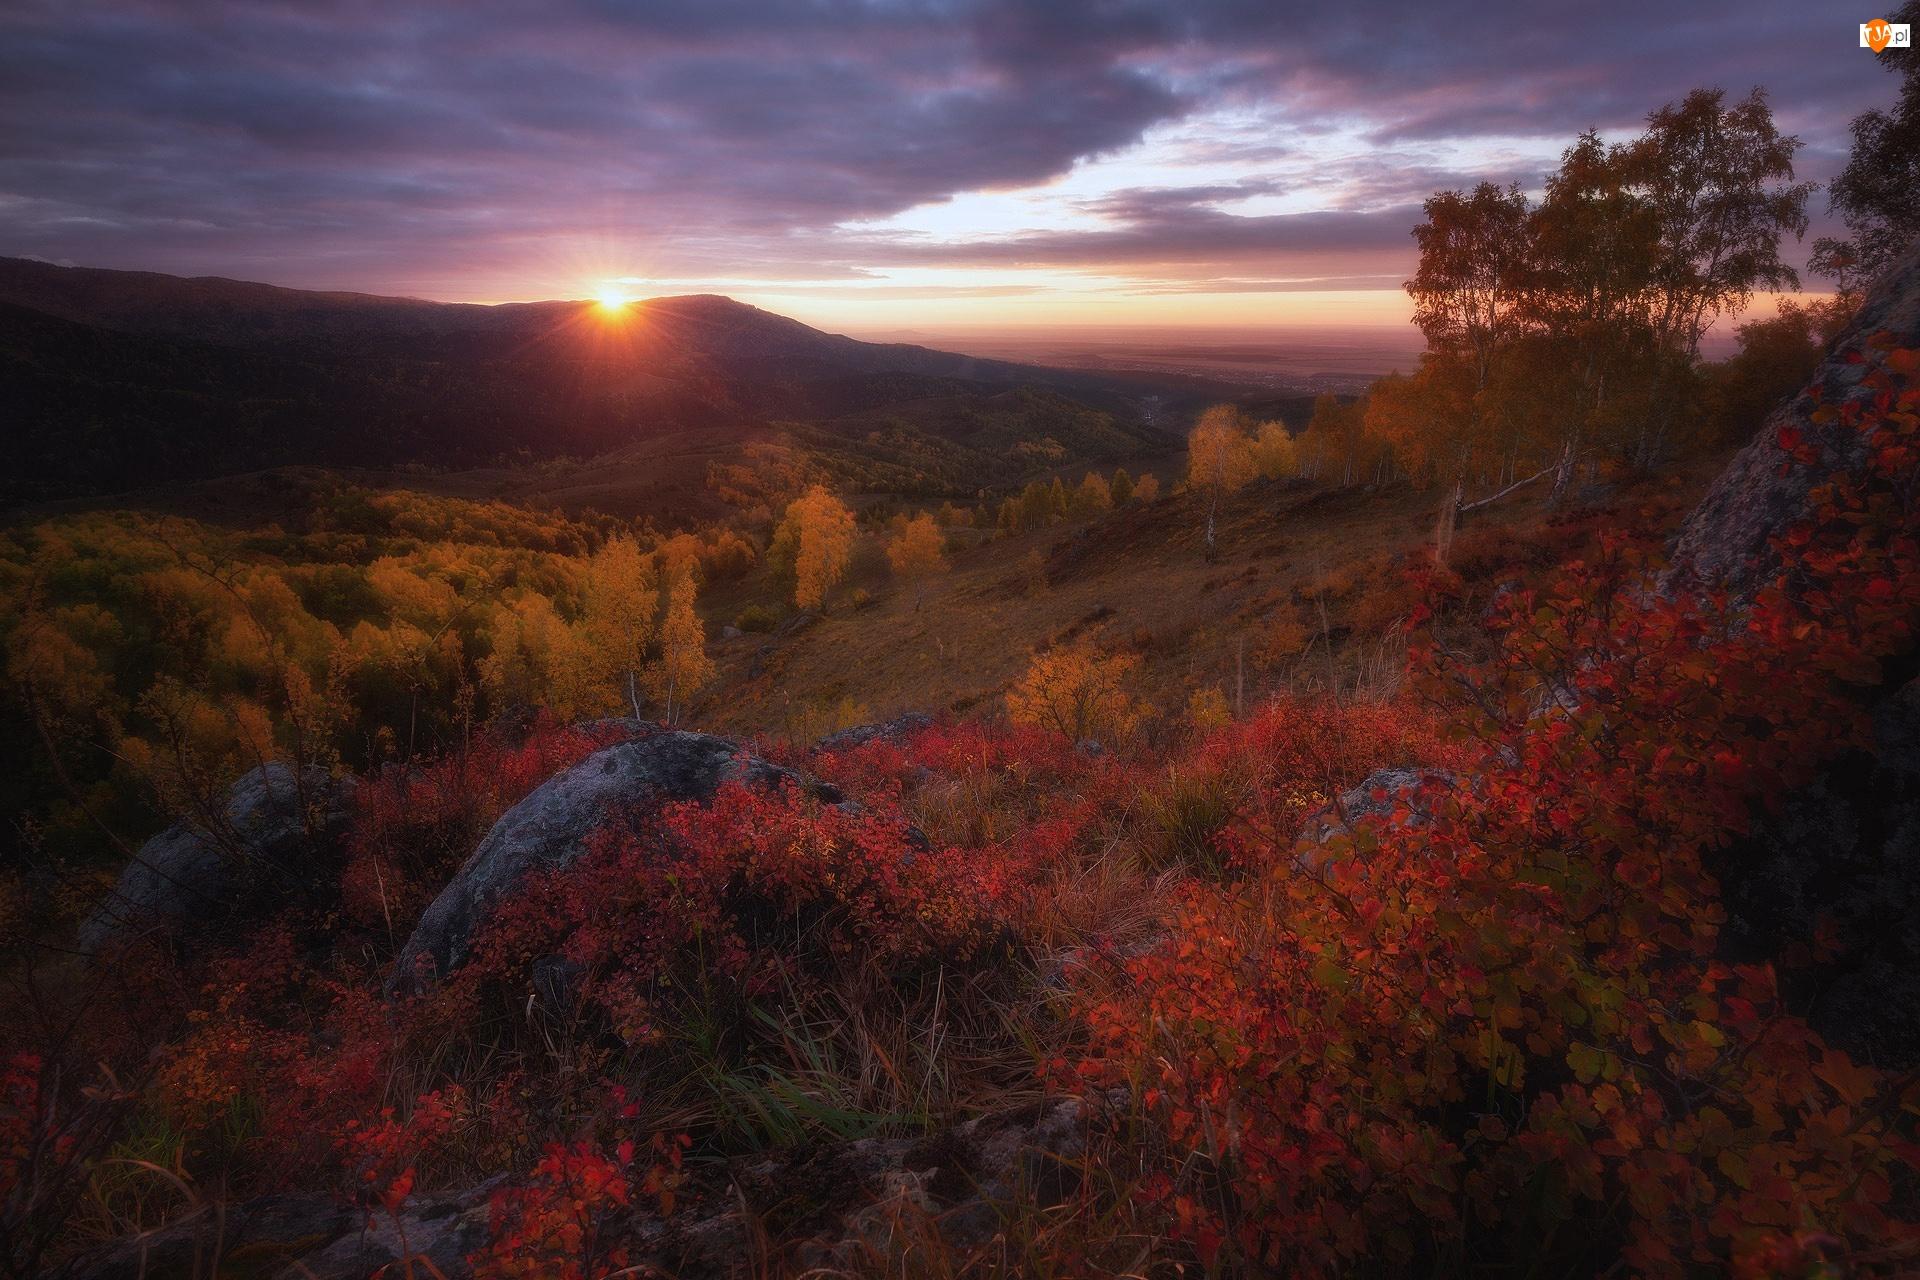 Skały, Góry Ałtaj, Drzewa, Republika Ałtaju, Zachód słońca, Brzozy, Rosja, Jesień